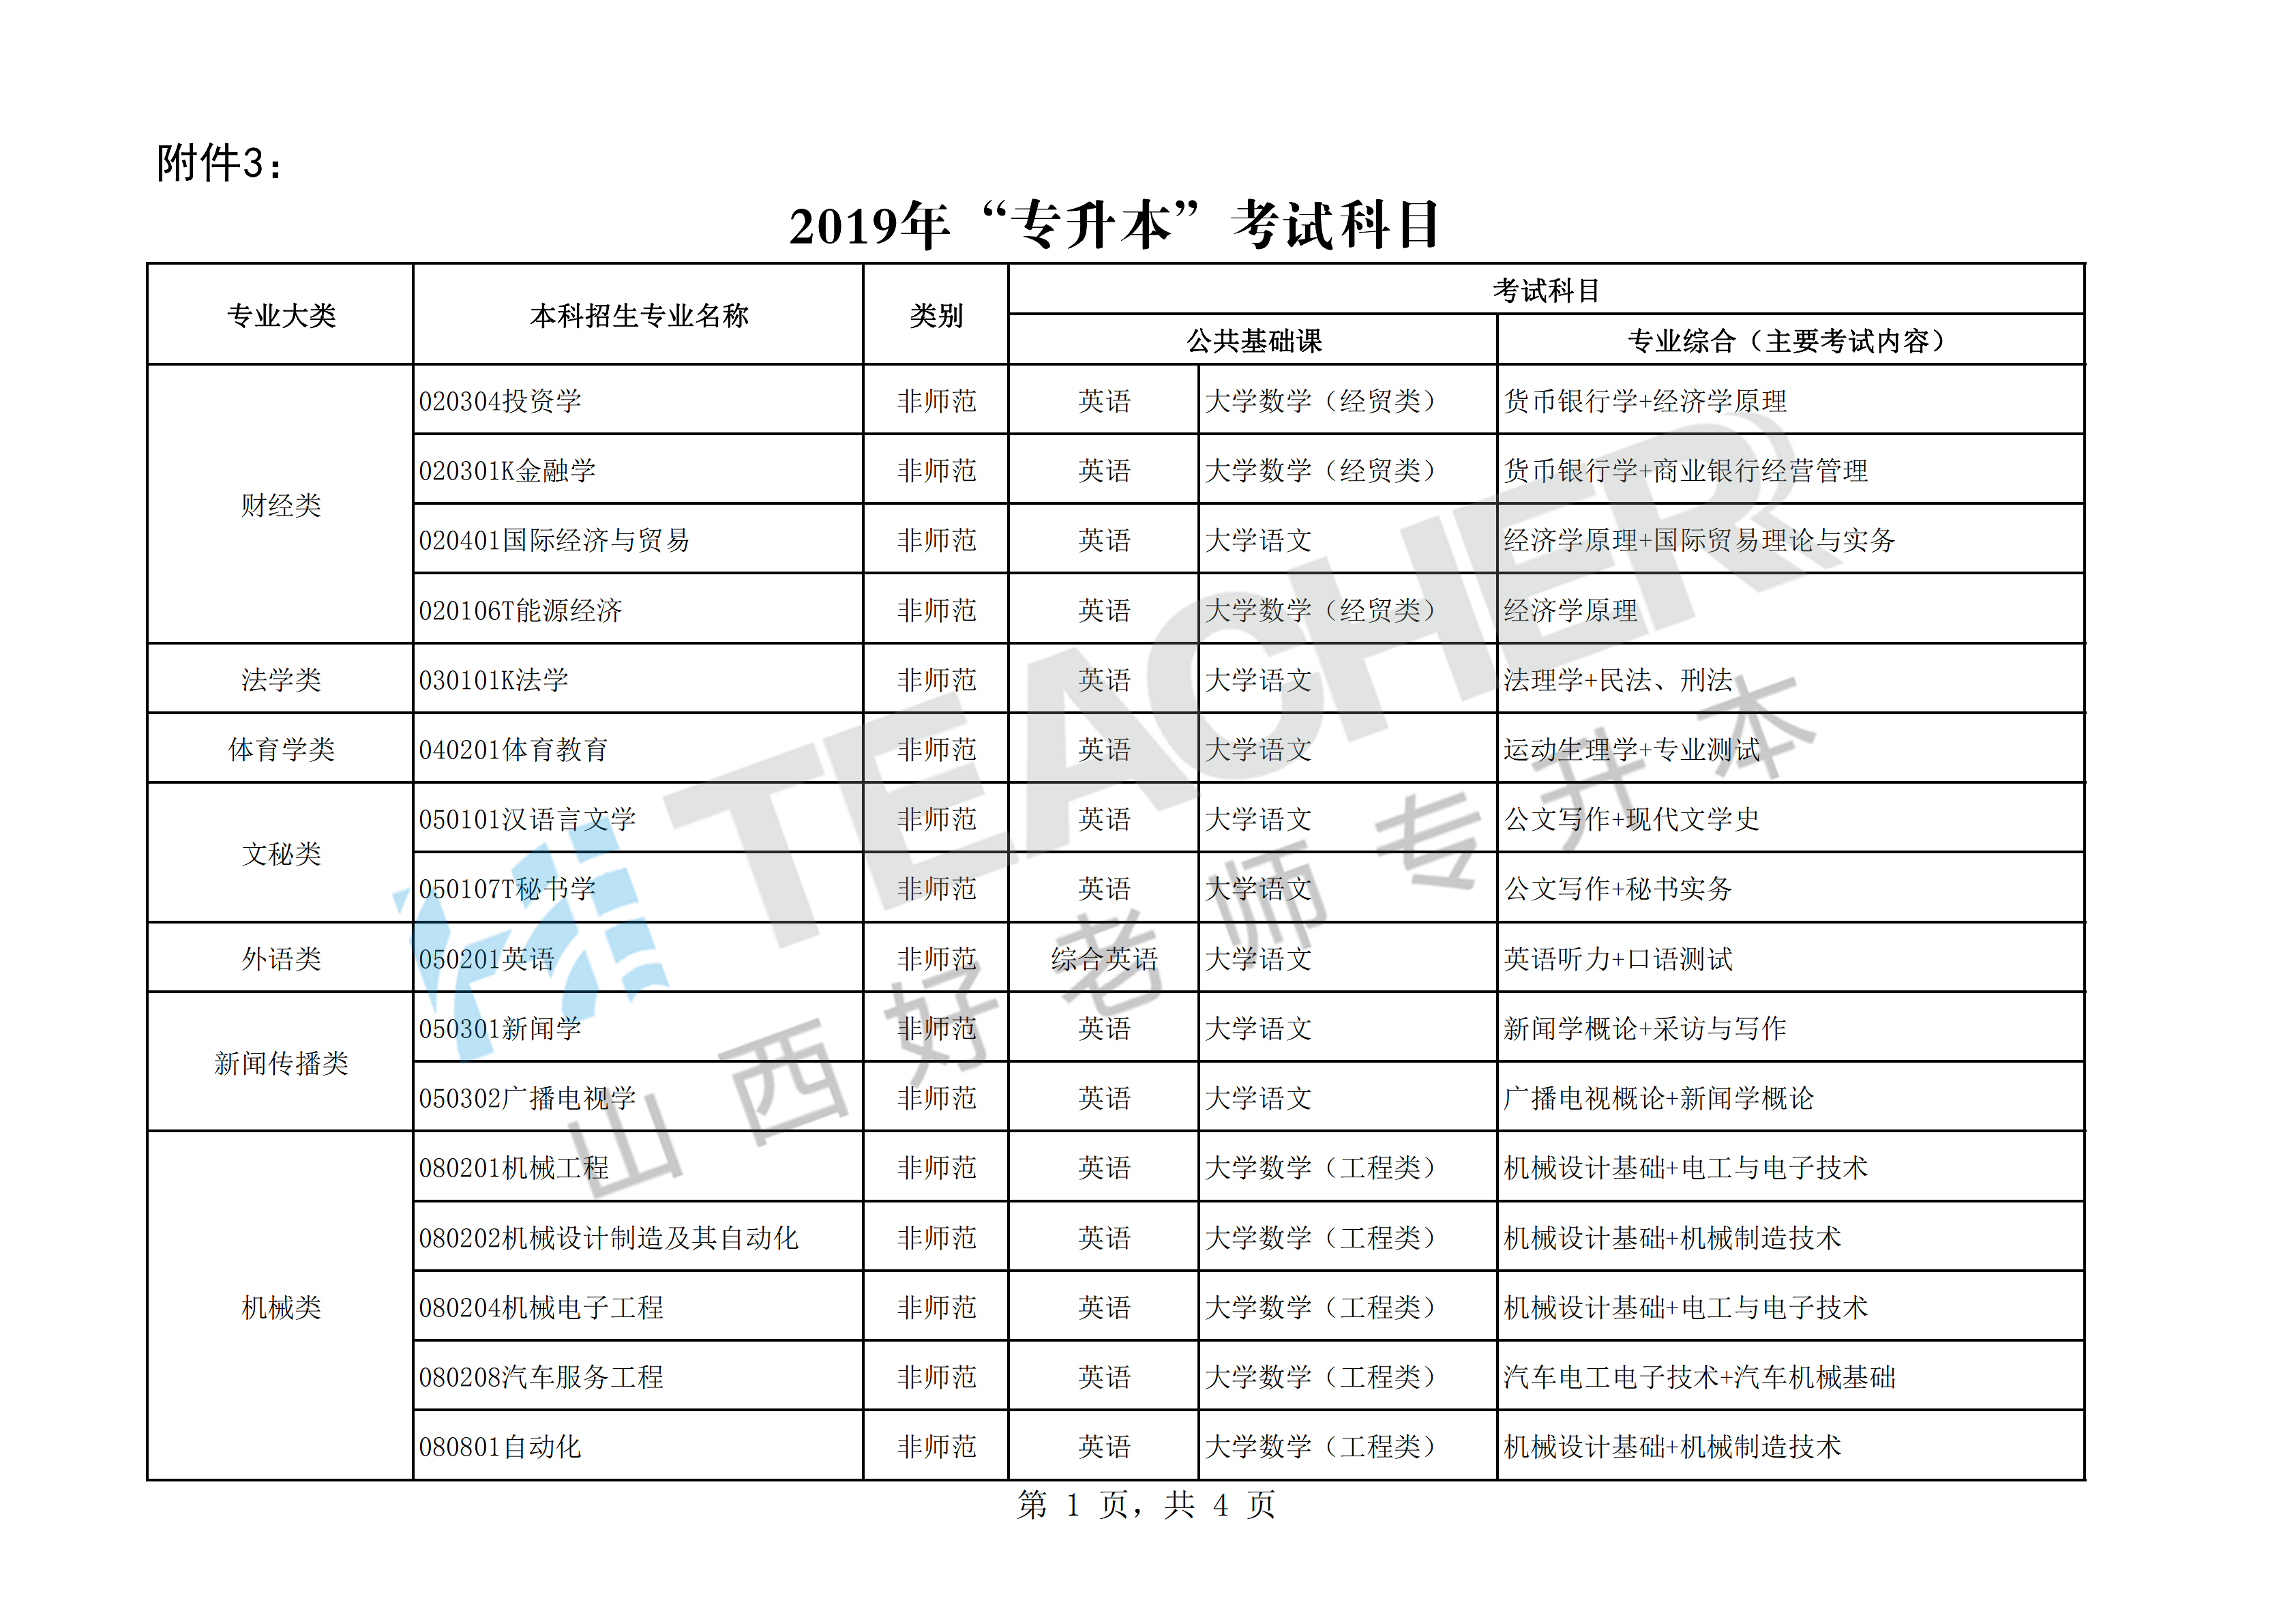 2019山西统招专升本各专业考试科目